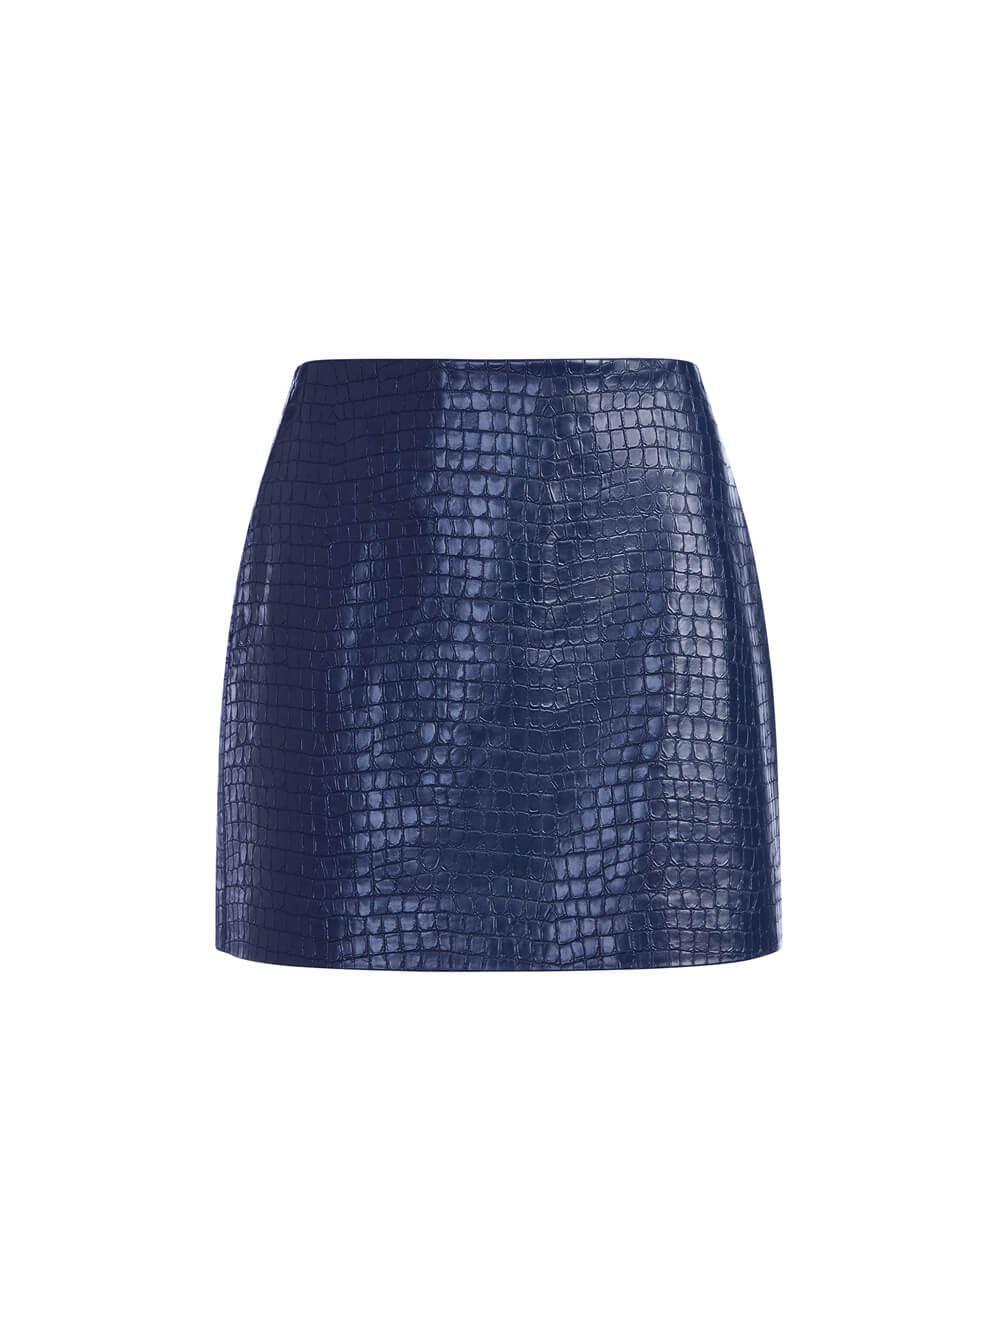 Elana Vegan Leather Mini Skirt Item # CC109I41310